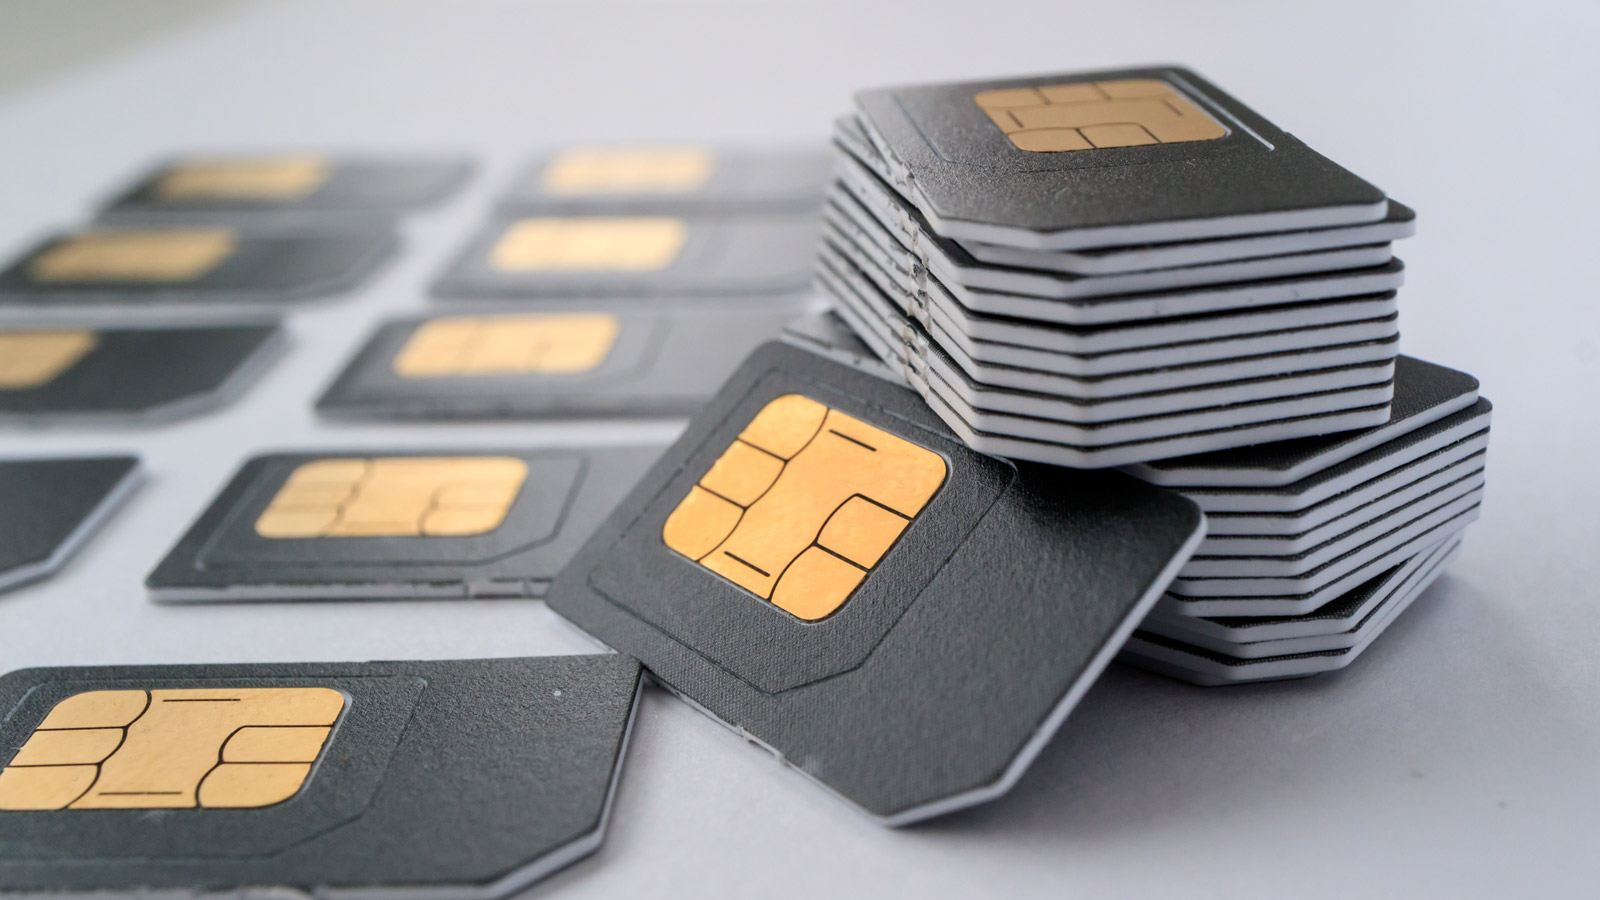 En qué consiste la estafa SIM swapping y qué pautas seguir para saber si estás siendo víctima